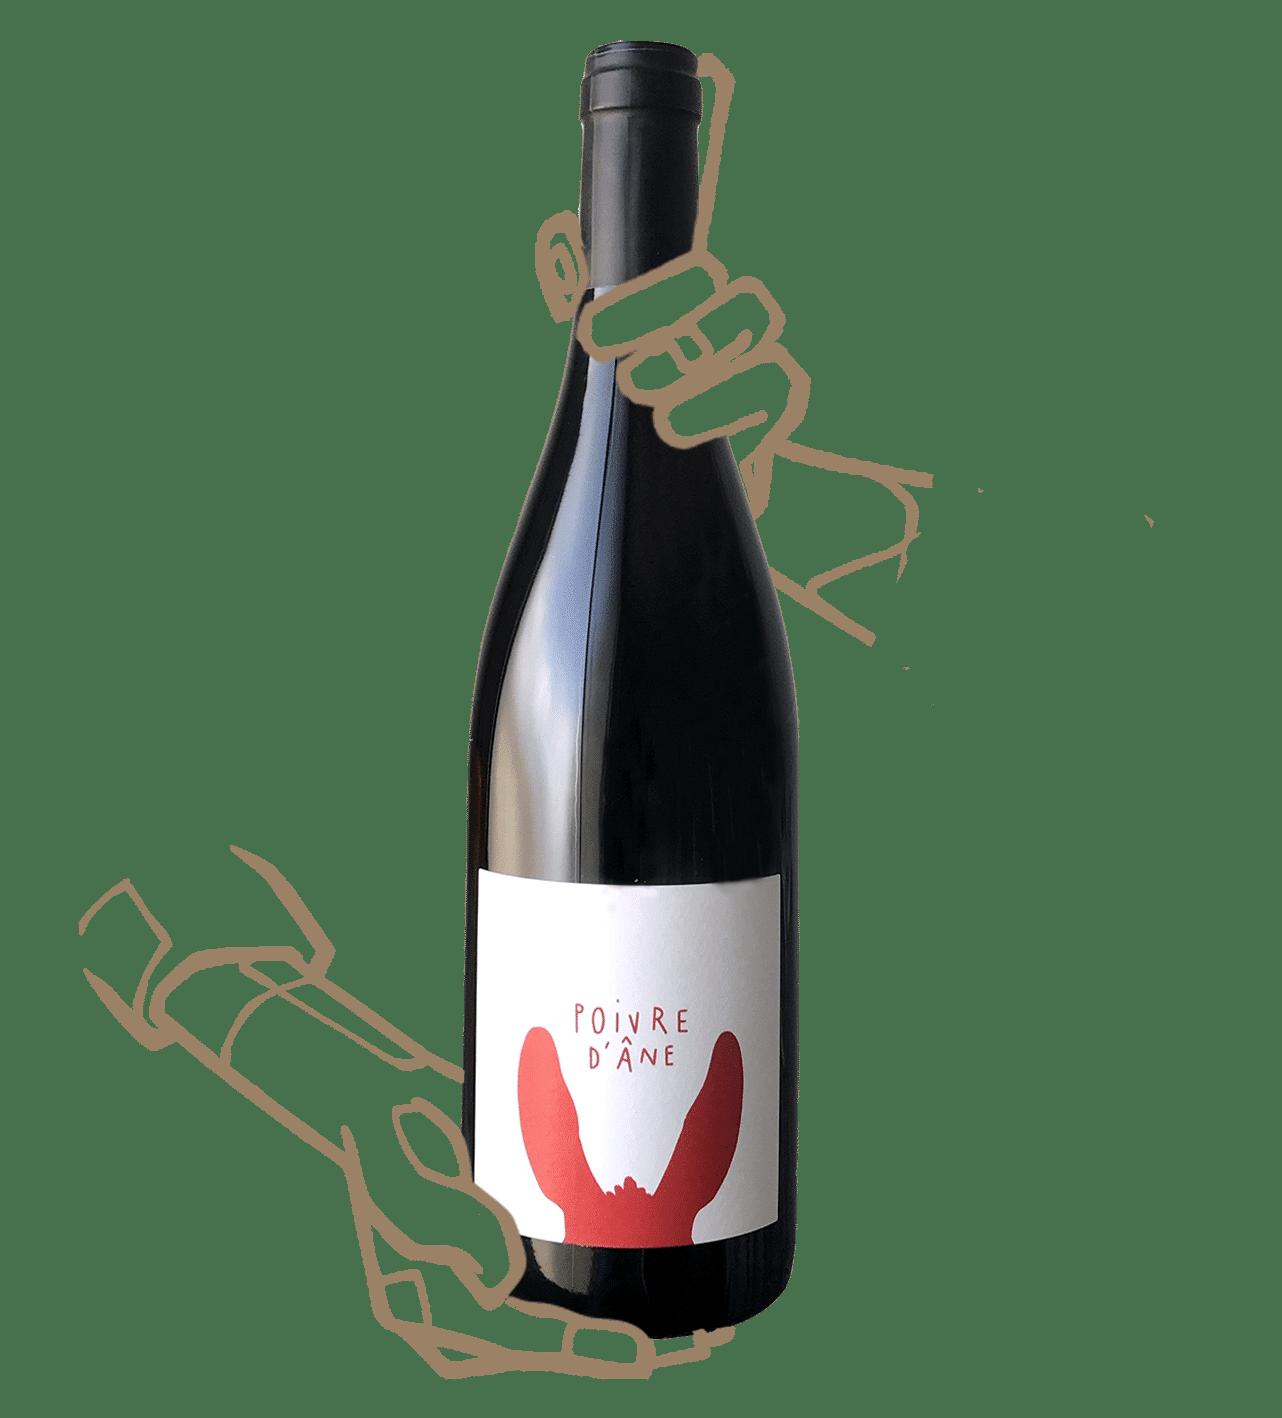 Poivre d'âne rouge est un vin naturel du languedoc